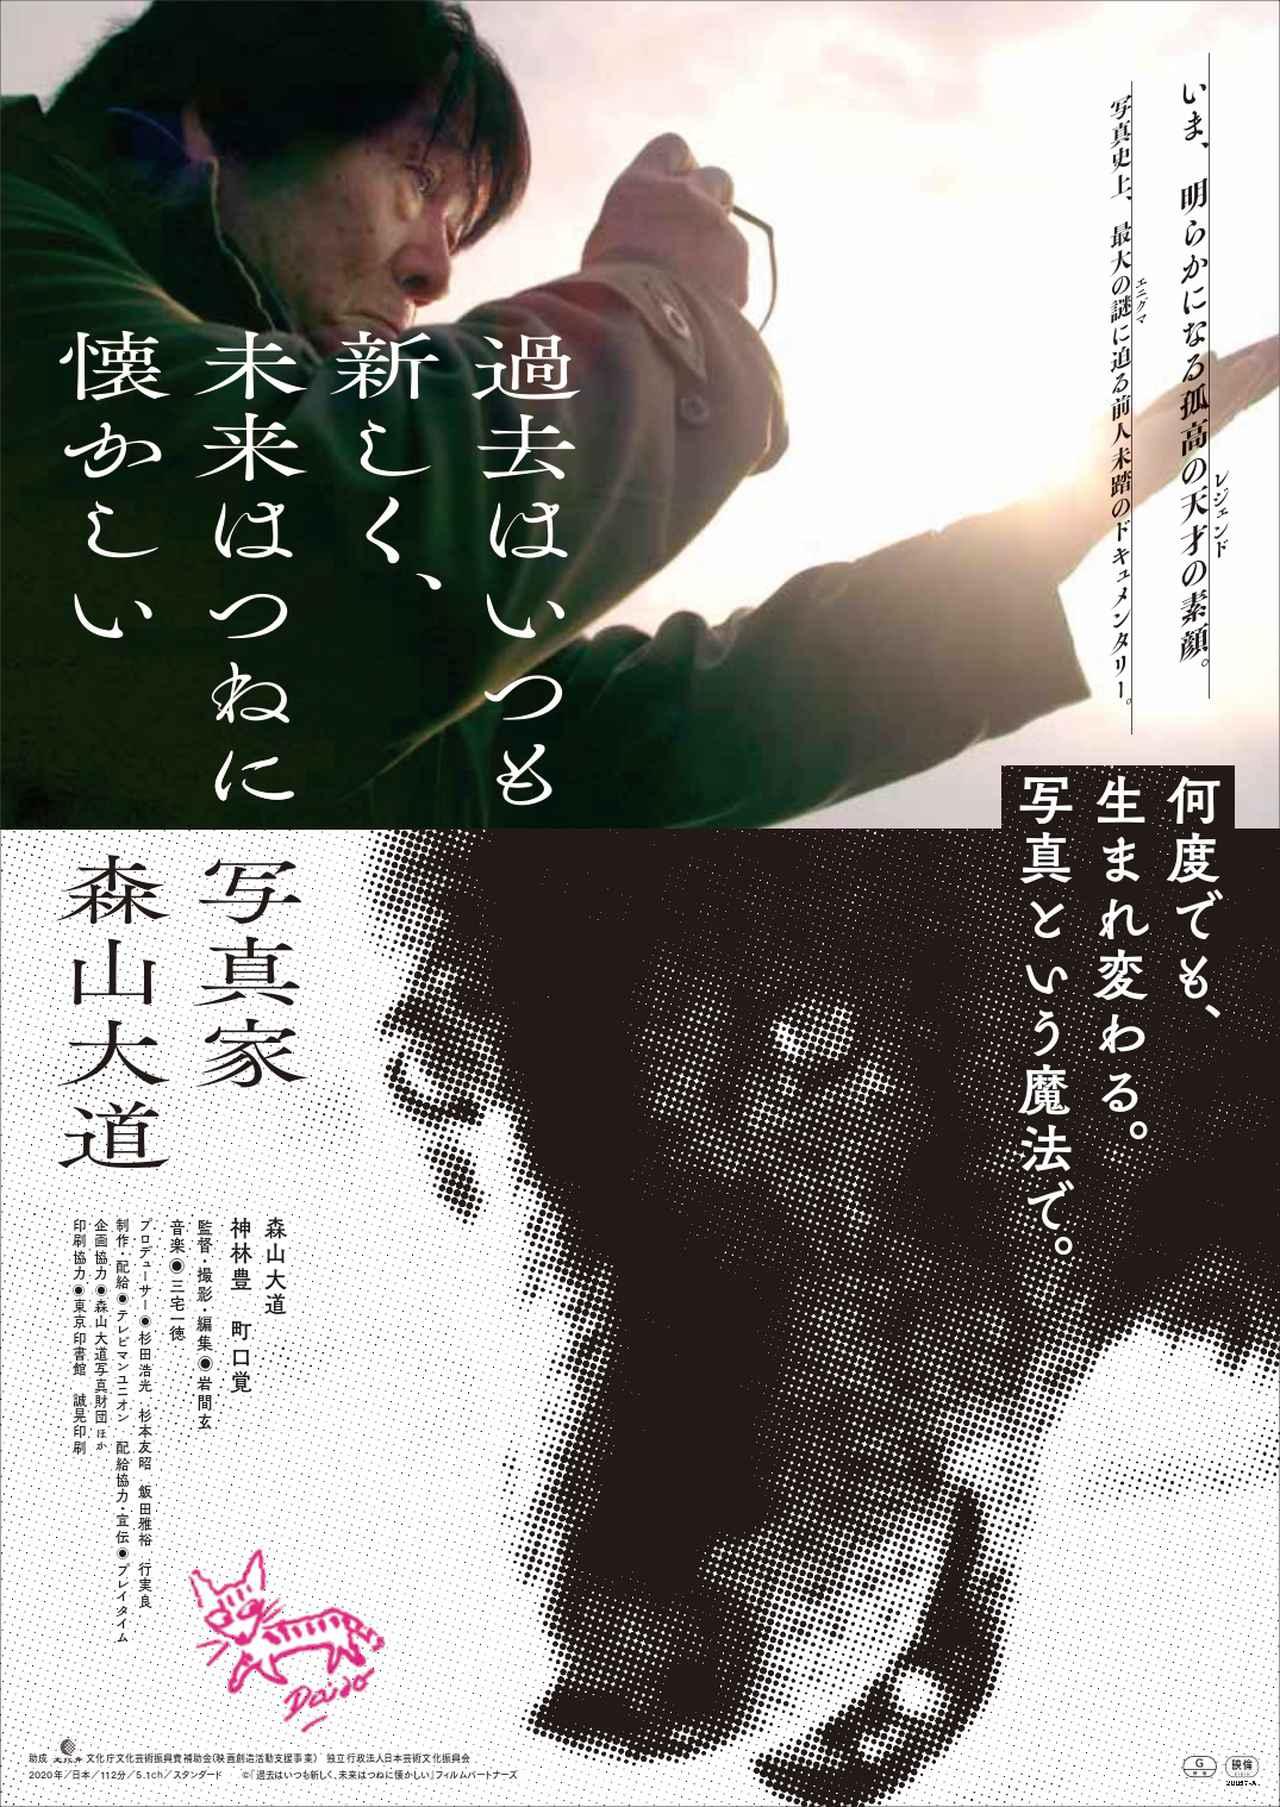 画像: 「森山大道の東京 ongoing」開催記念 映画『過去はいつも新しく、未来はつねに懐かしい 写真家 森山大道』特別先行上映